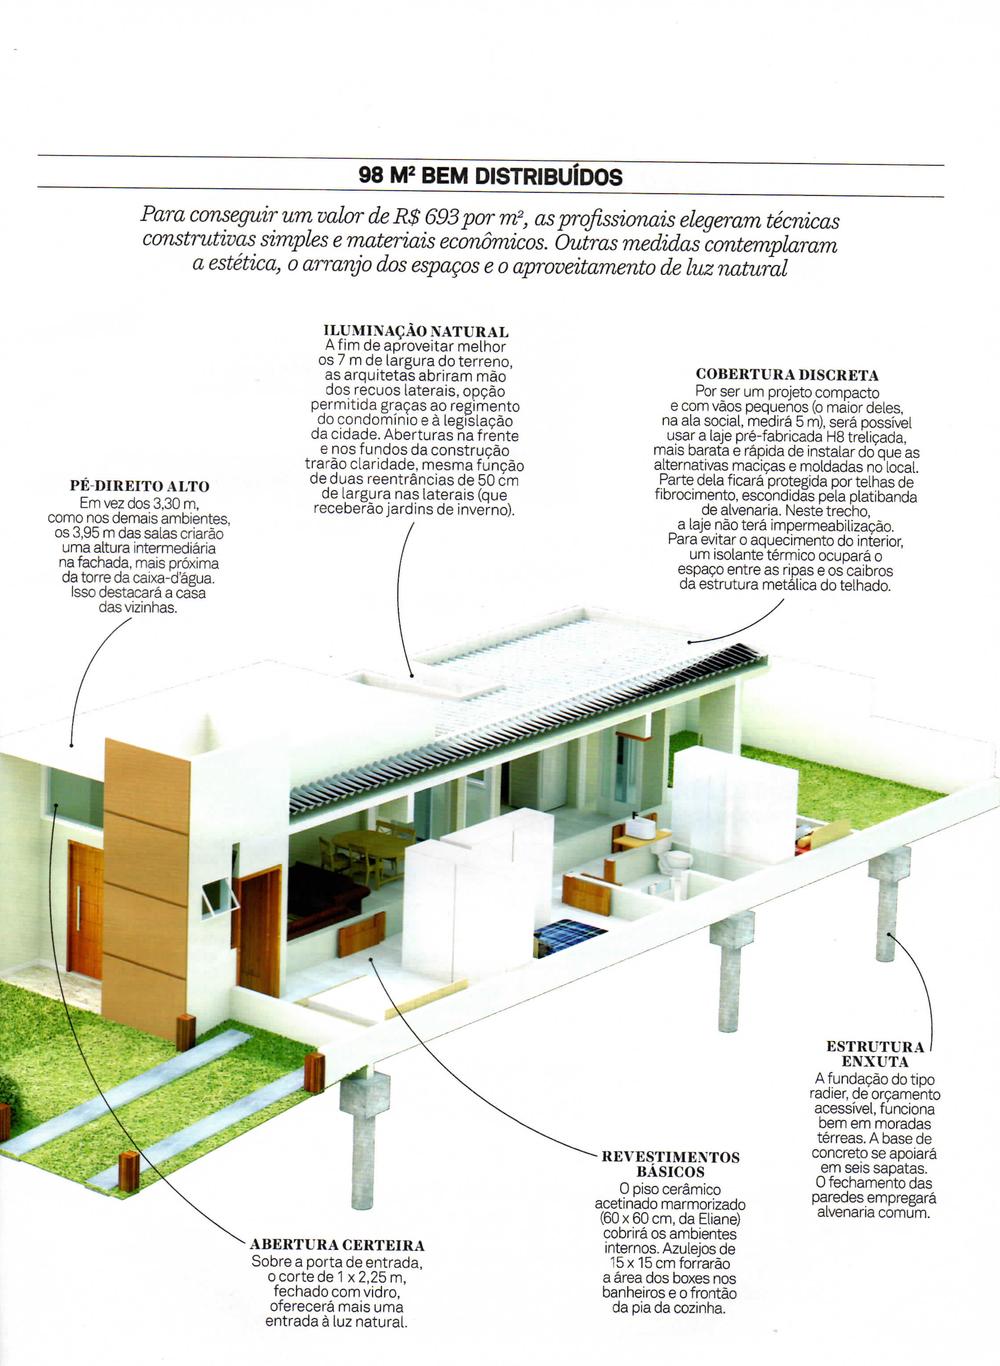 01 JANEIRO 2014_revista arquitetura & construção (2).jpg